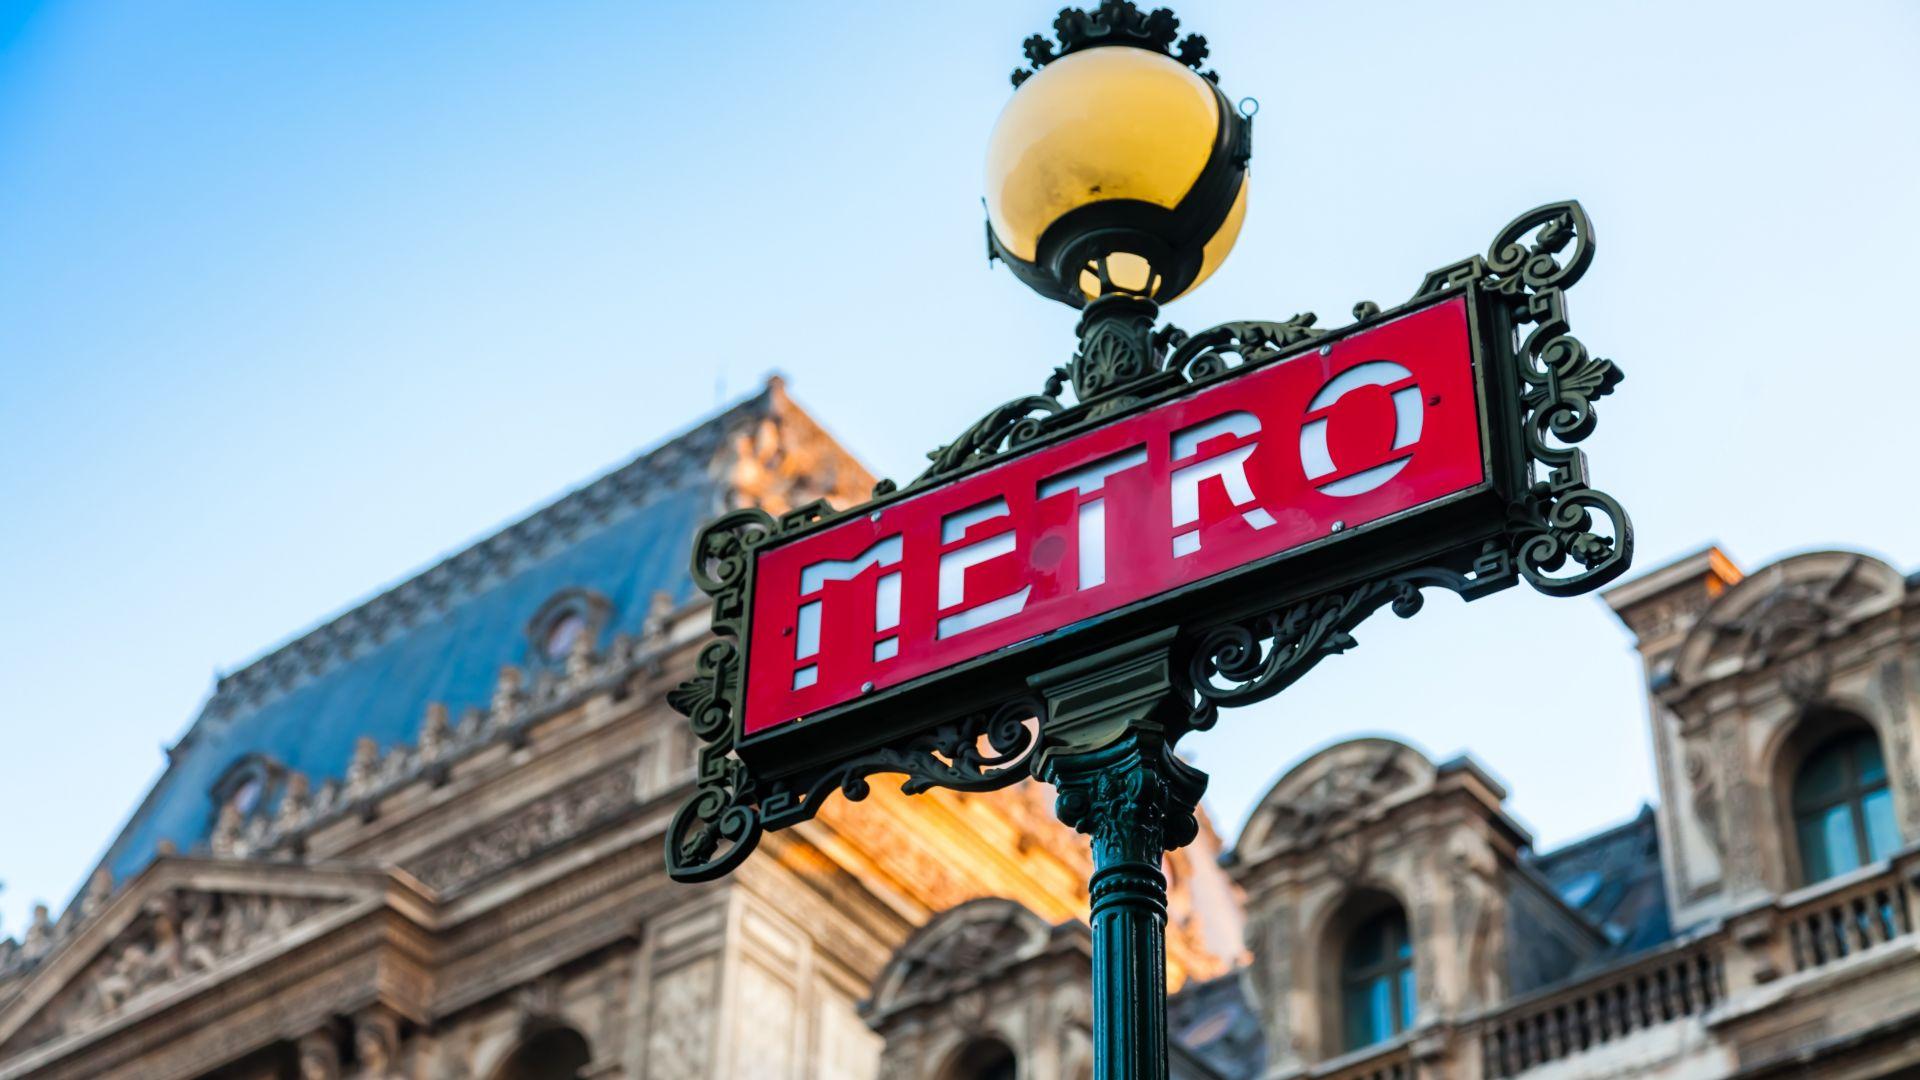 """Транспортен хаос в Париж заради стачка на метрото. """"Бритиш еруейз"""" отменя полети"""